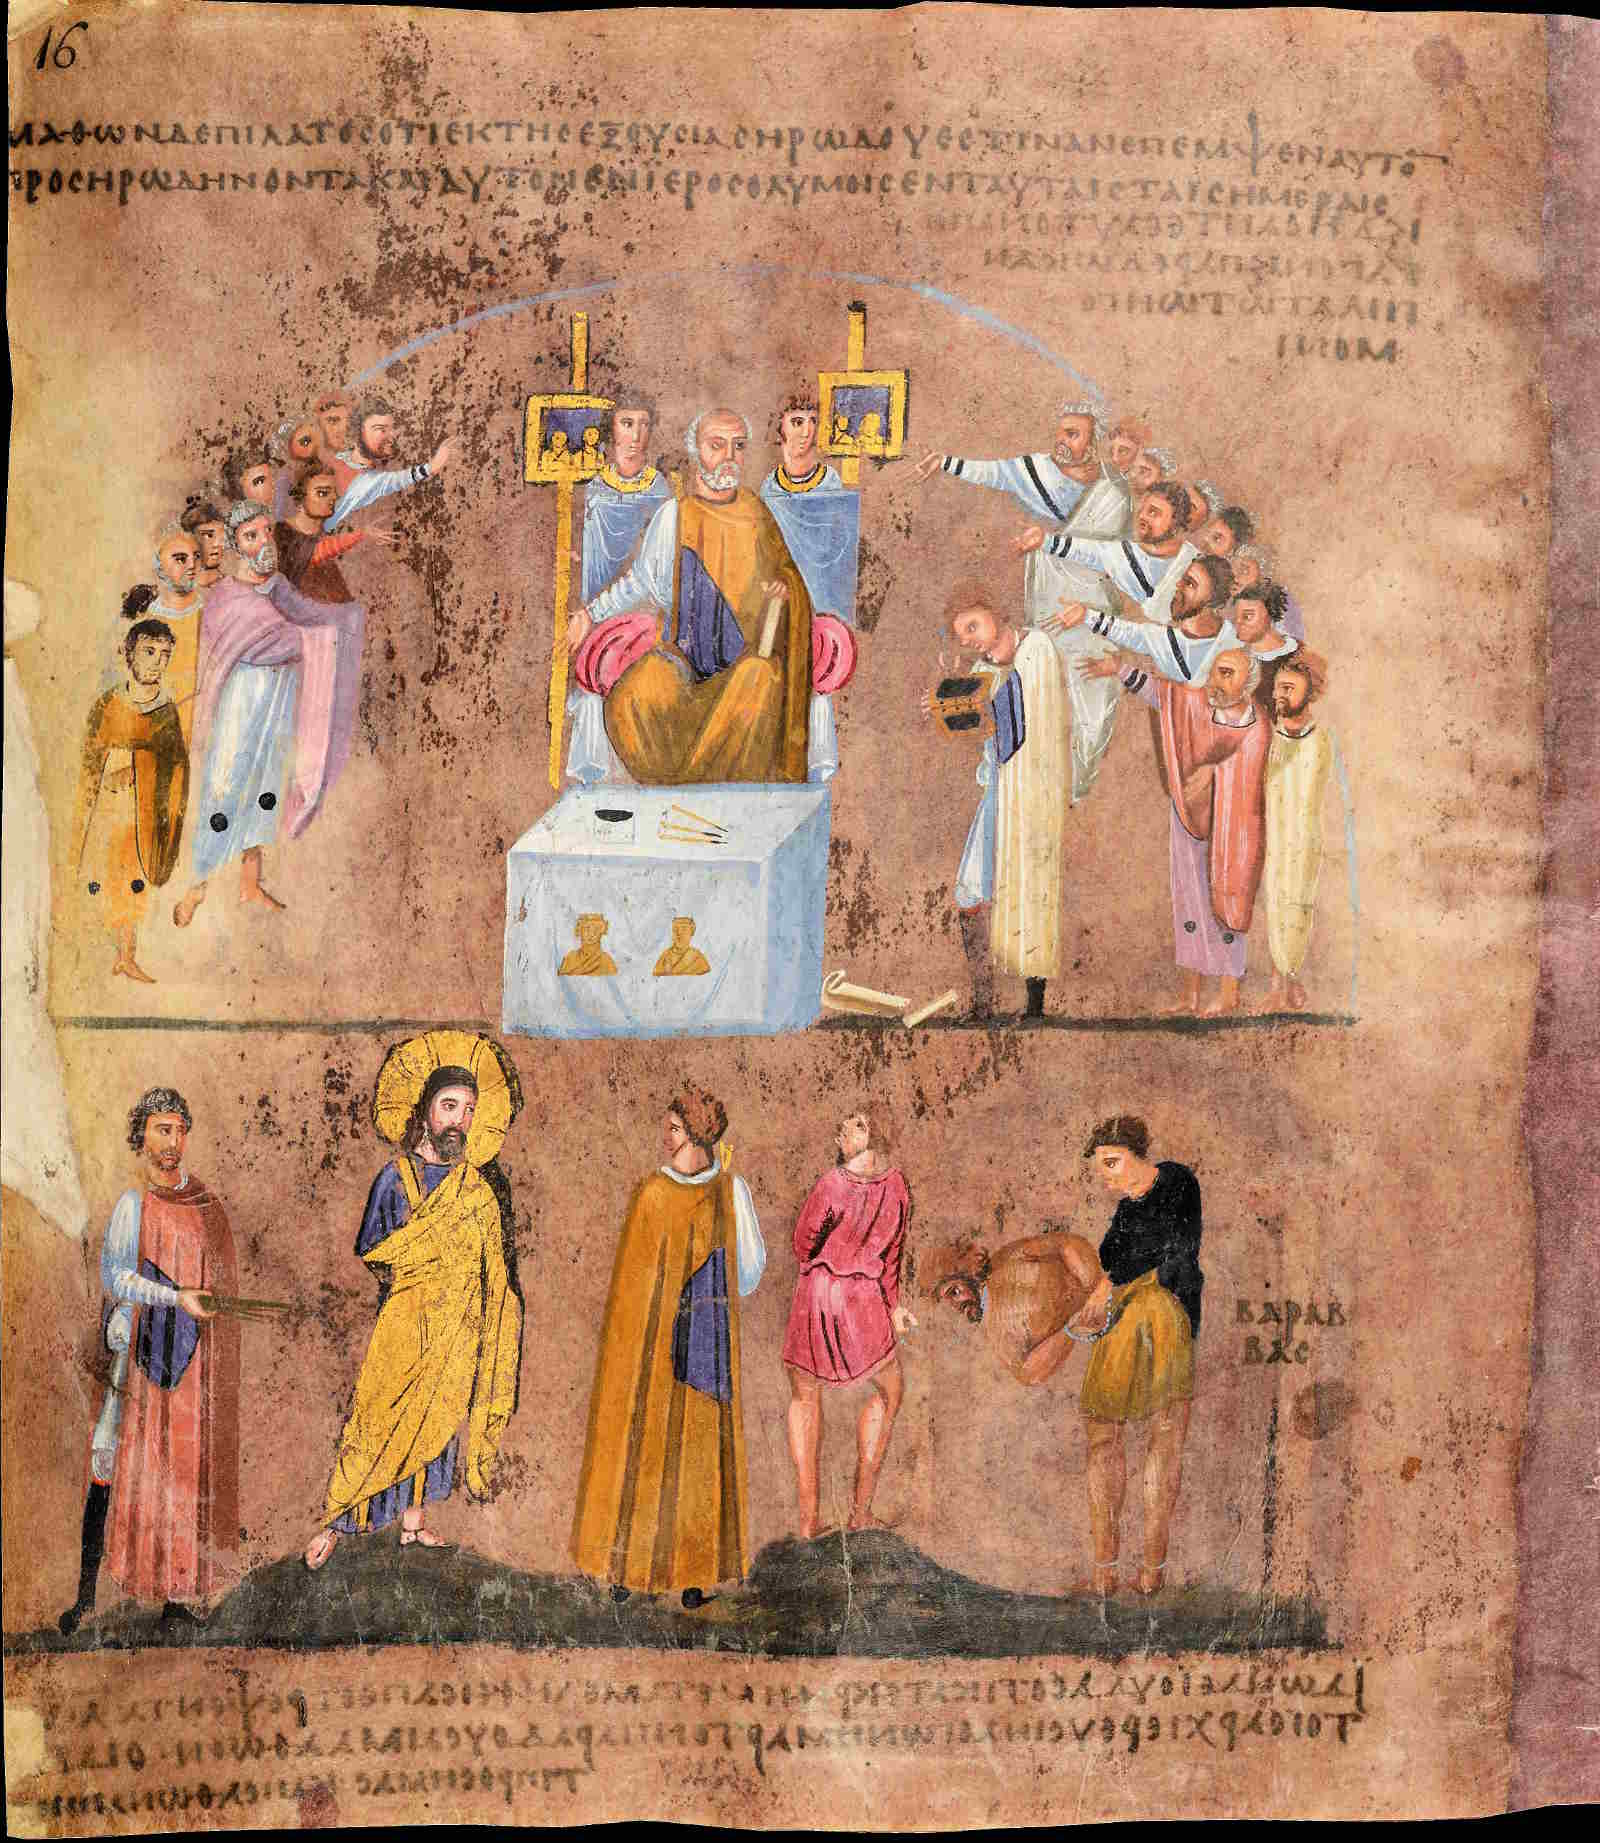 """Particolari della miniatura """"La scelta tra Gesù e Barabba Memory of the world a Rossano il Codex purpureus rossanensis"""